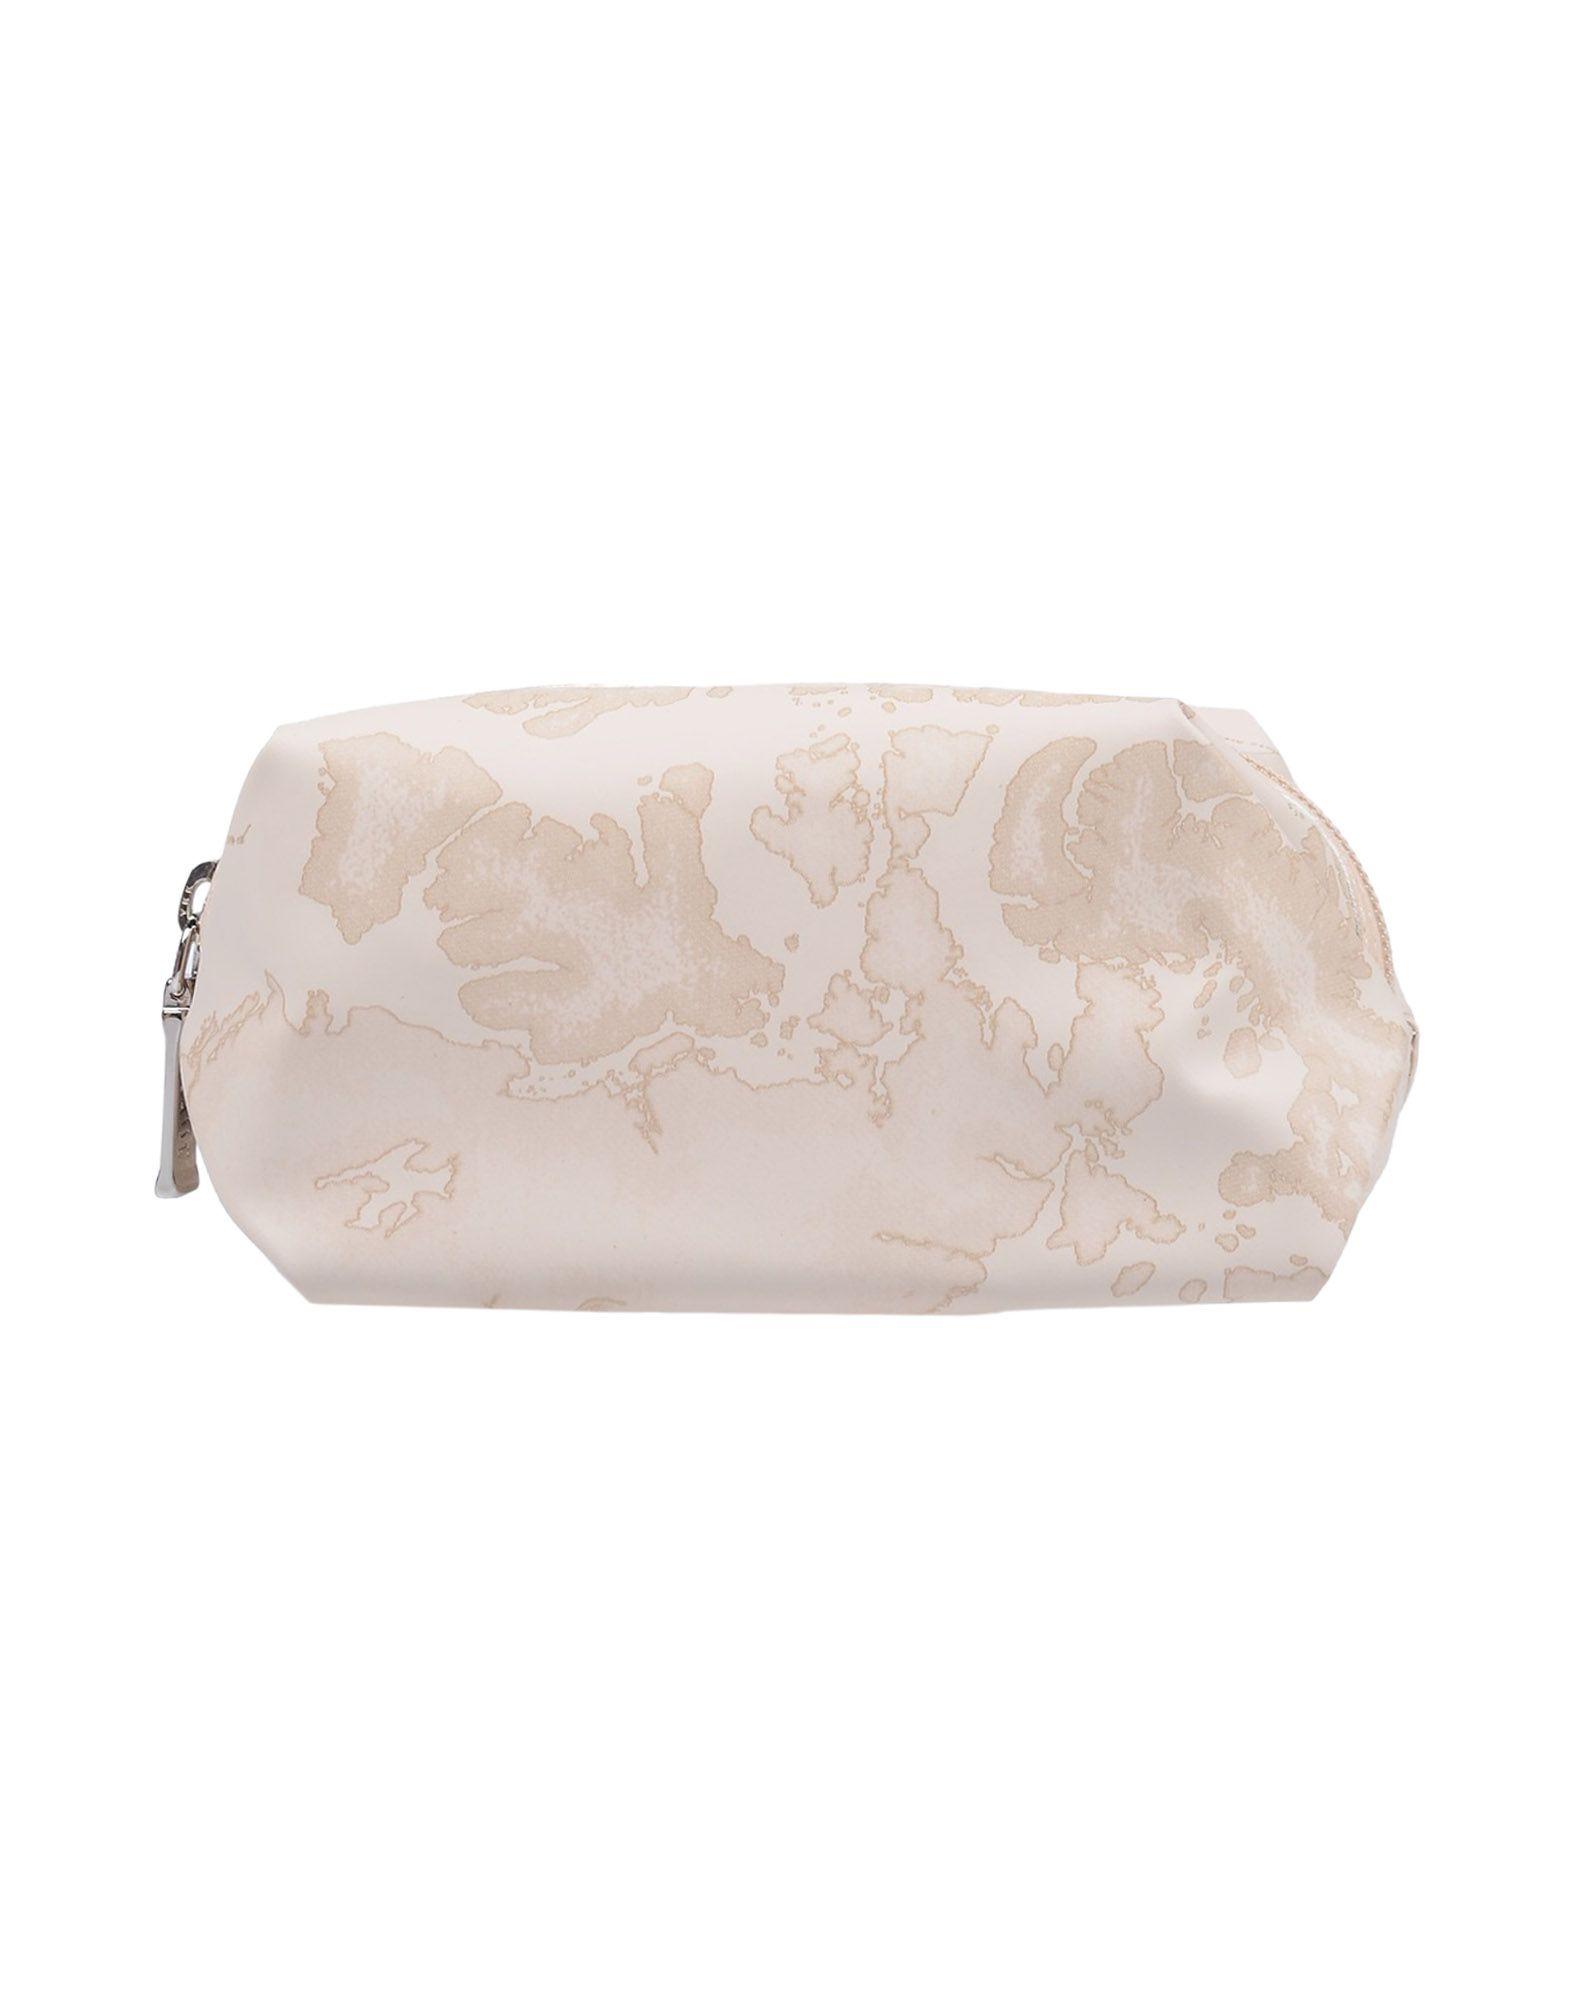 ALVIERO MARTINI 1a CLASSE Beauty case hair company сумочка клатч pochette alviero martini 1 classe beauty 18х12х3 см